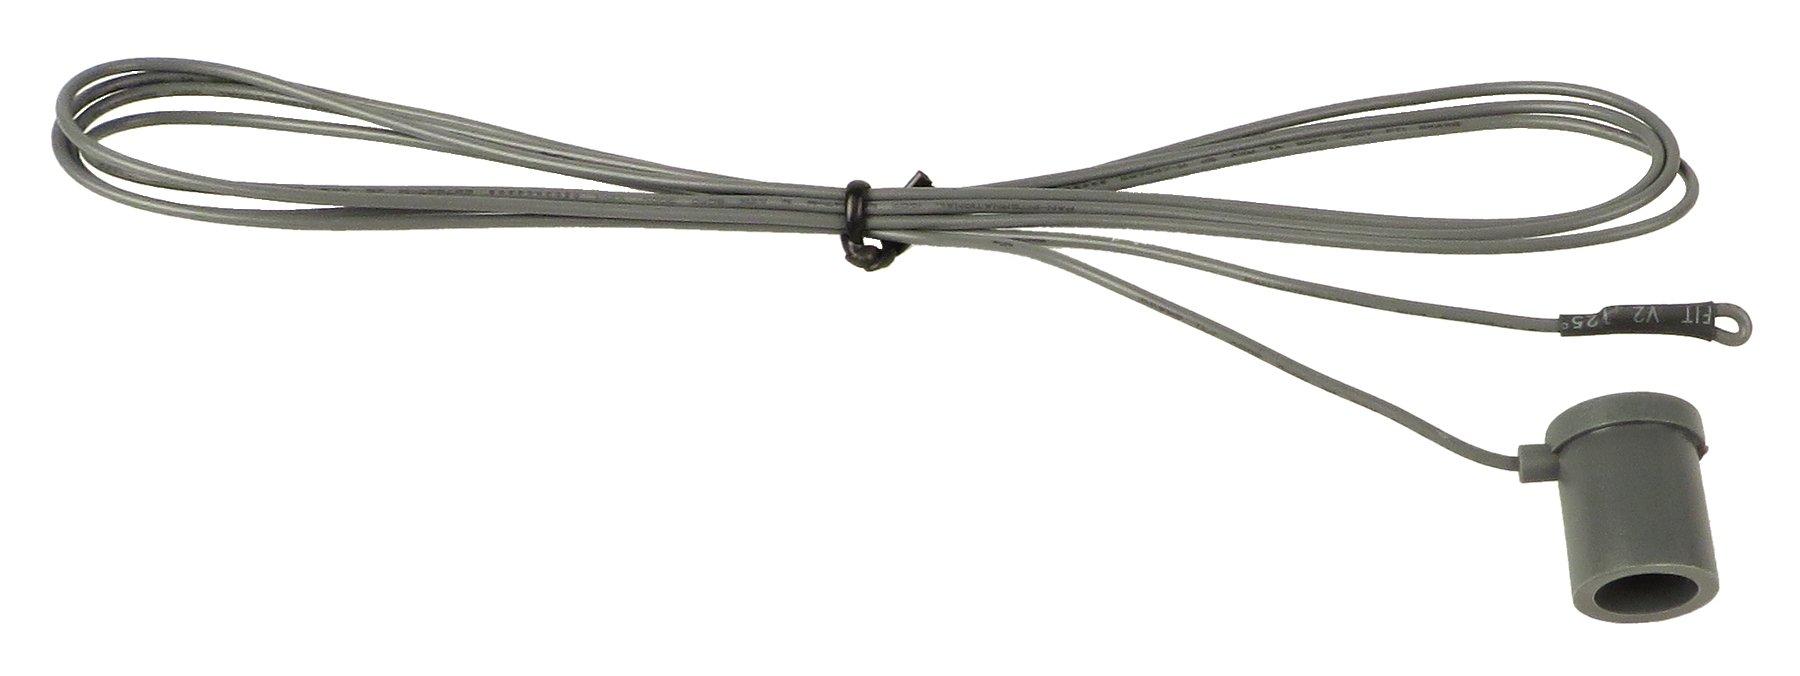 Coax FM Antenna for RX-V800, HT-R5280,  RX-E400, and RXA2040